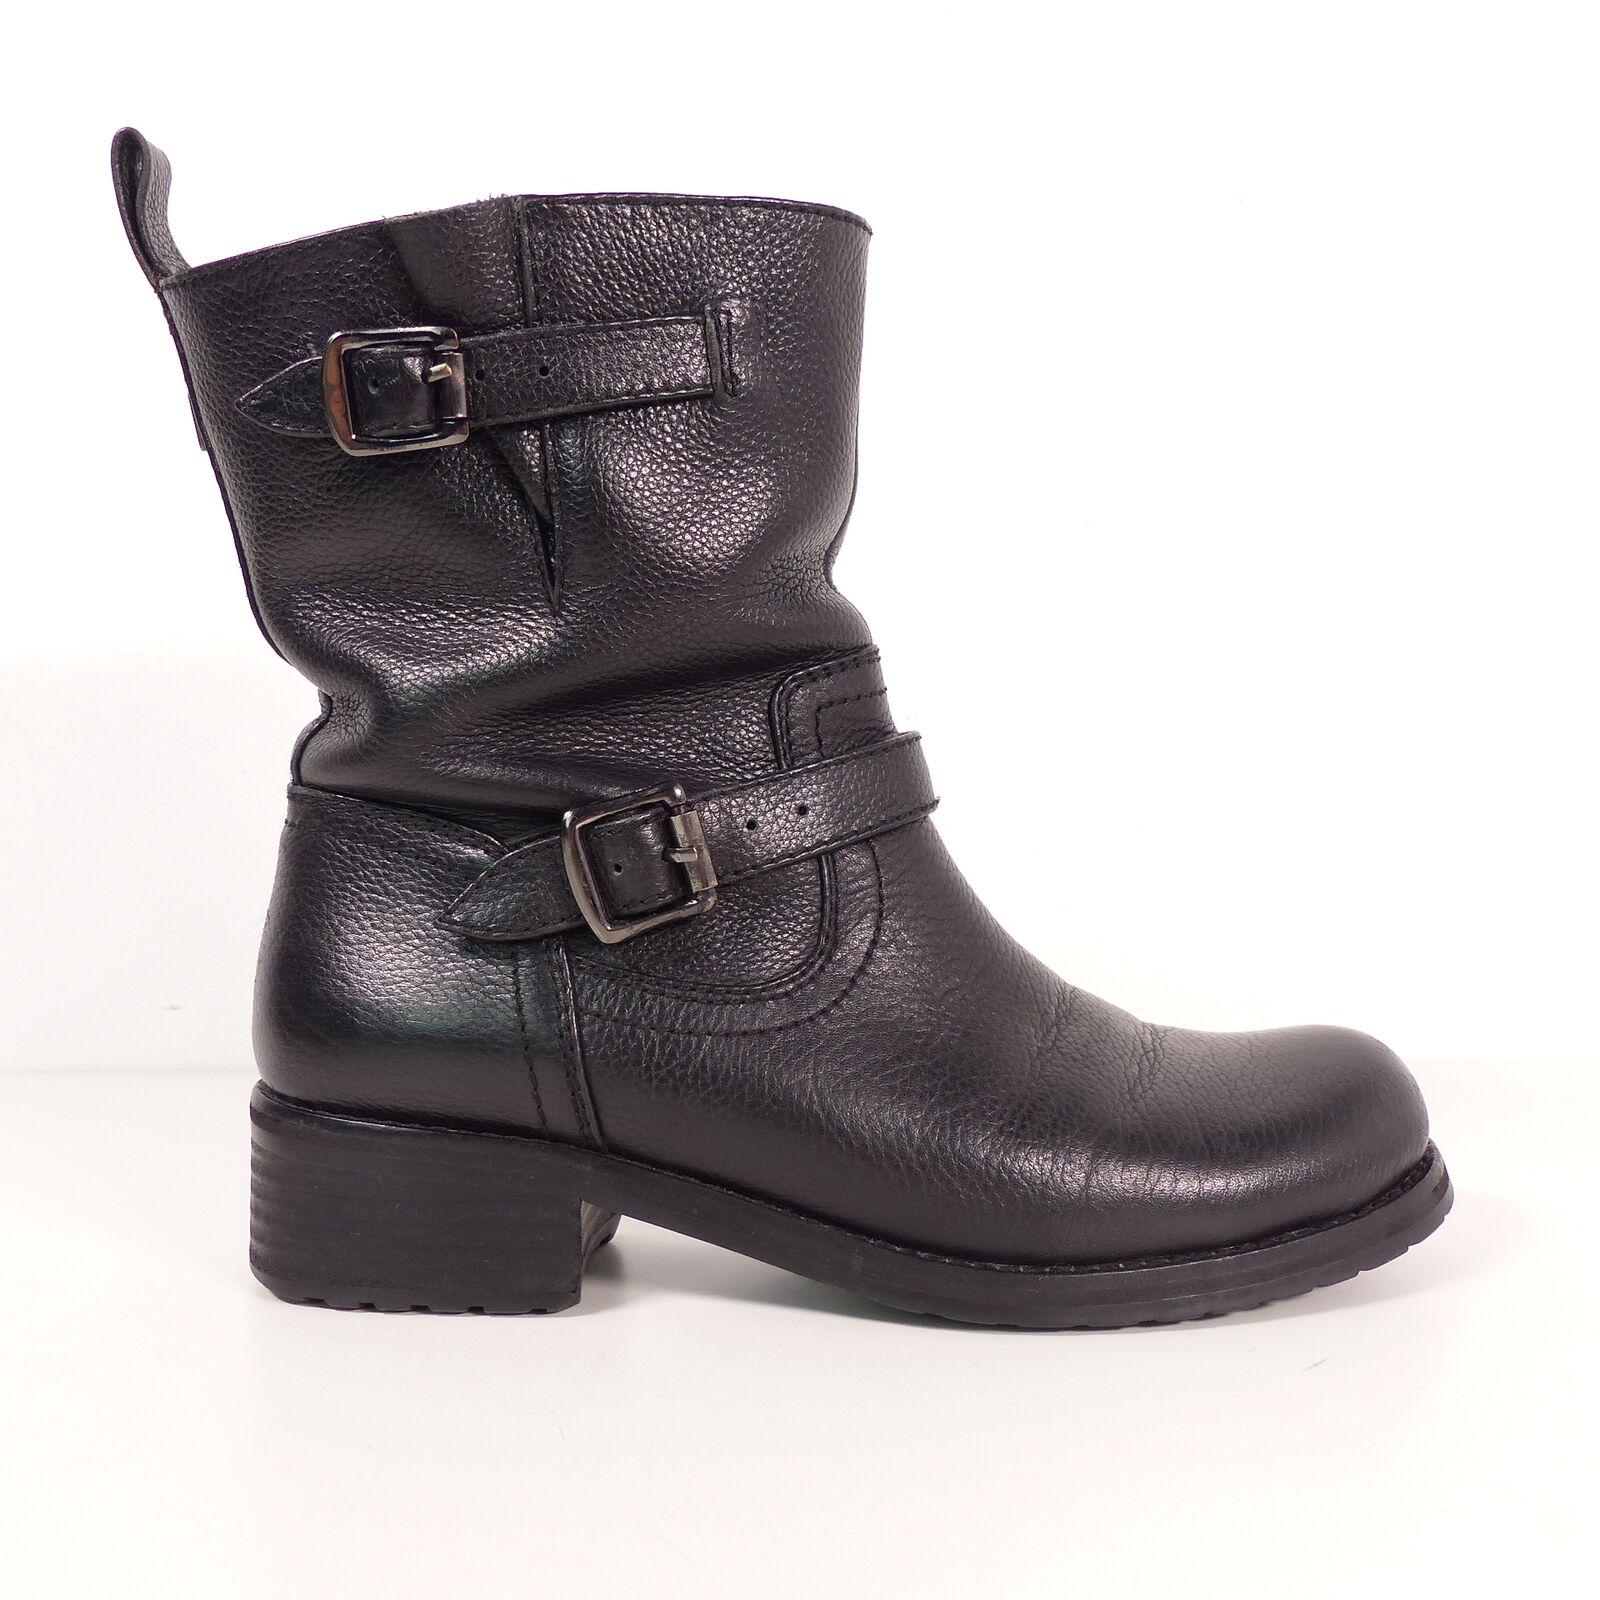 BELSTAFF Stiefel EUR 37 Schwarz Damen Biker Stiefel schuhe Leder Stiefel Leather